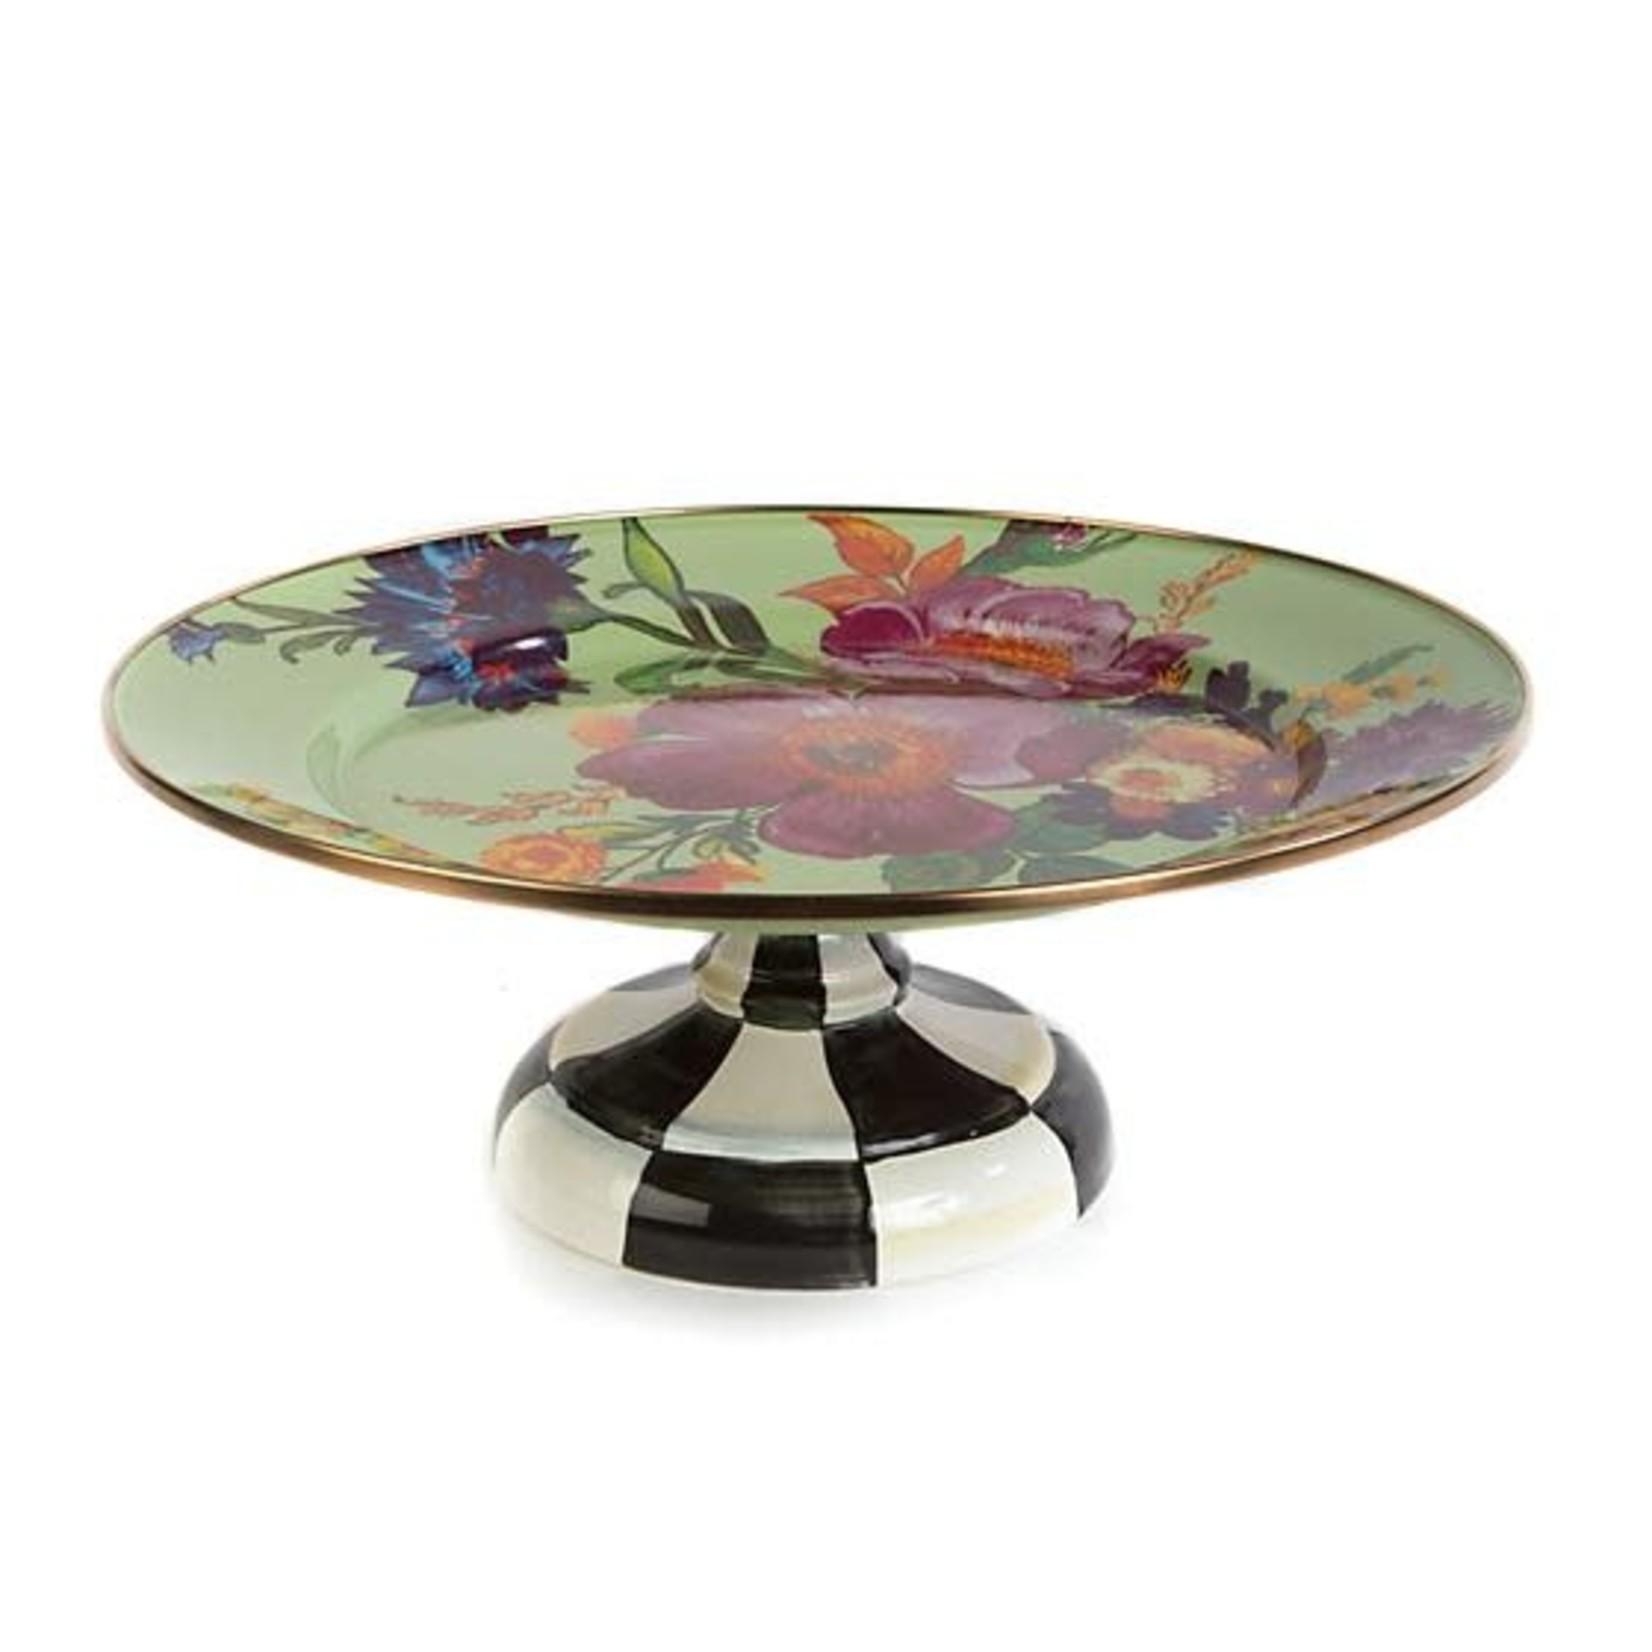 MacKenzie Childs Flower Market Small Pedestal Platter - Green